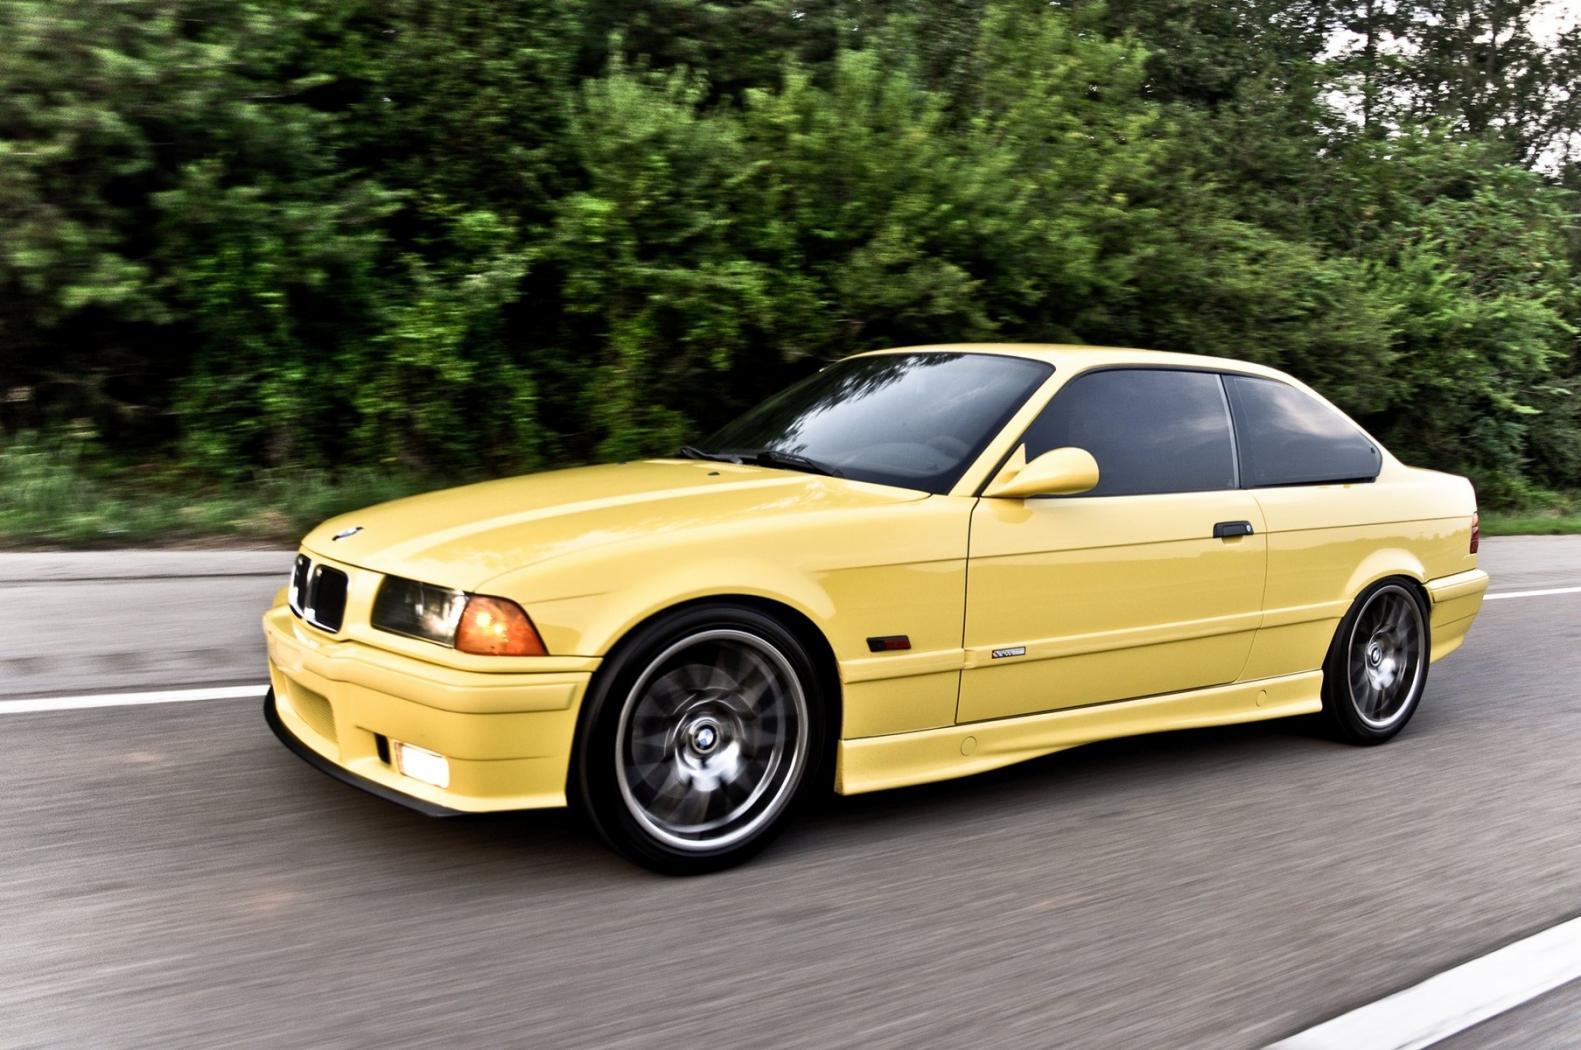 BMW-M3-E36-jaune.jpeg